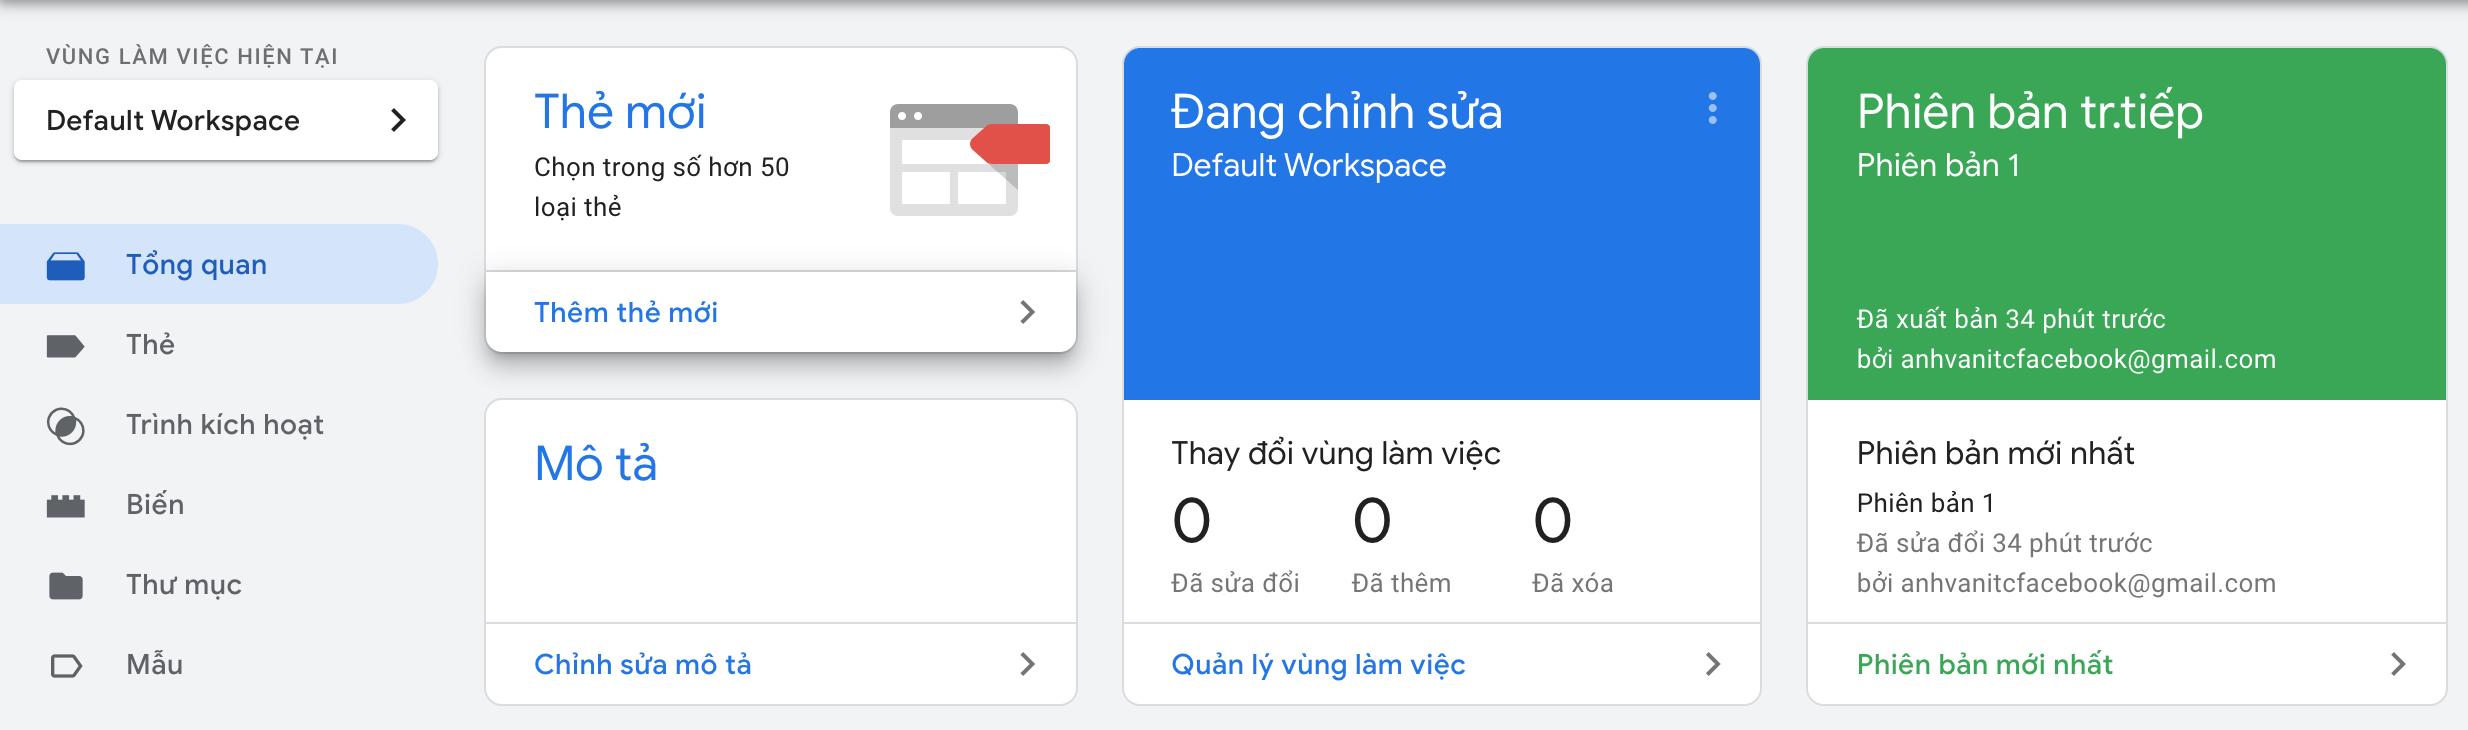 Hướng dẫn cài đặt Google Analytics cho website 2